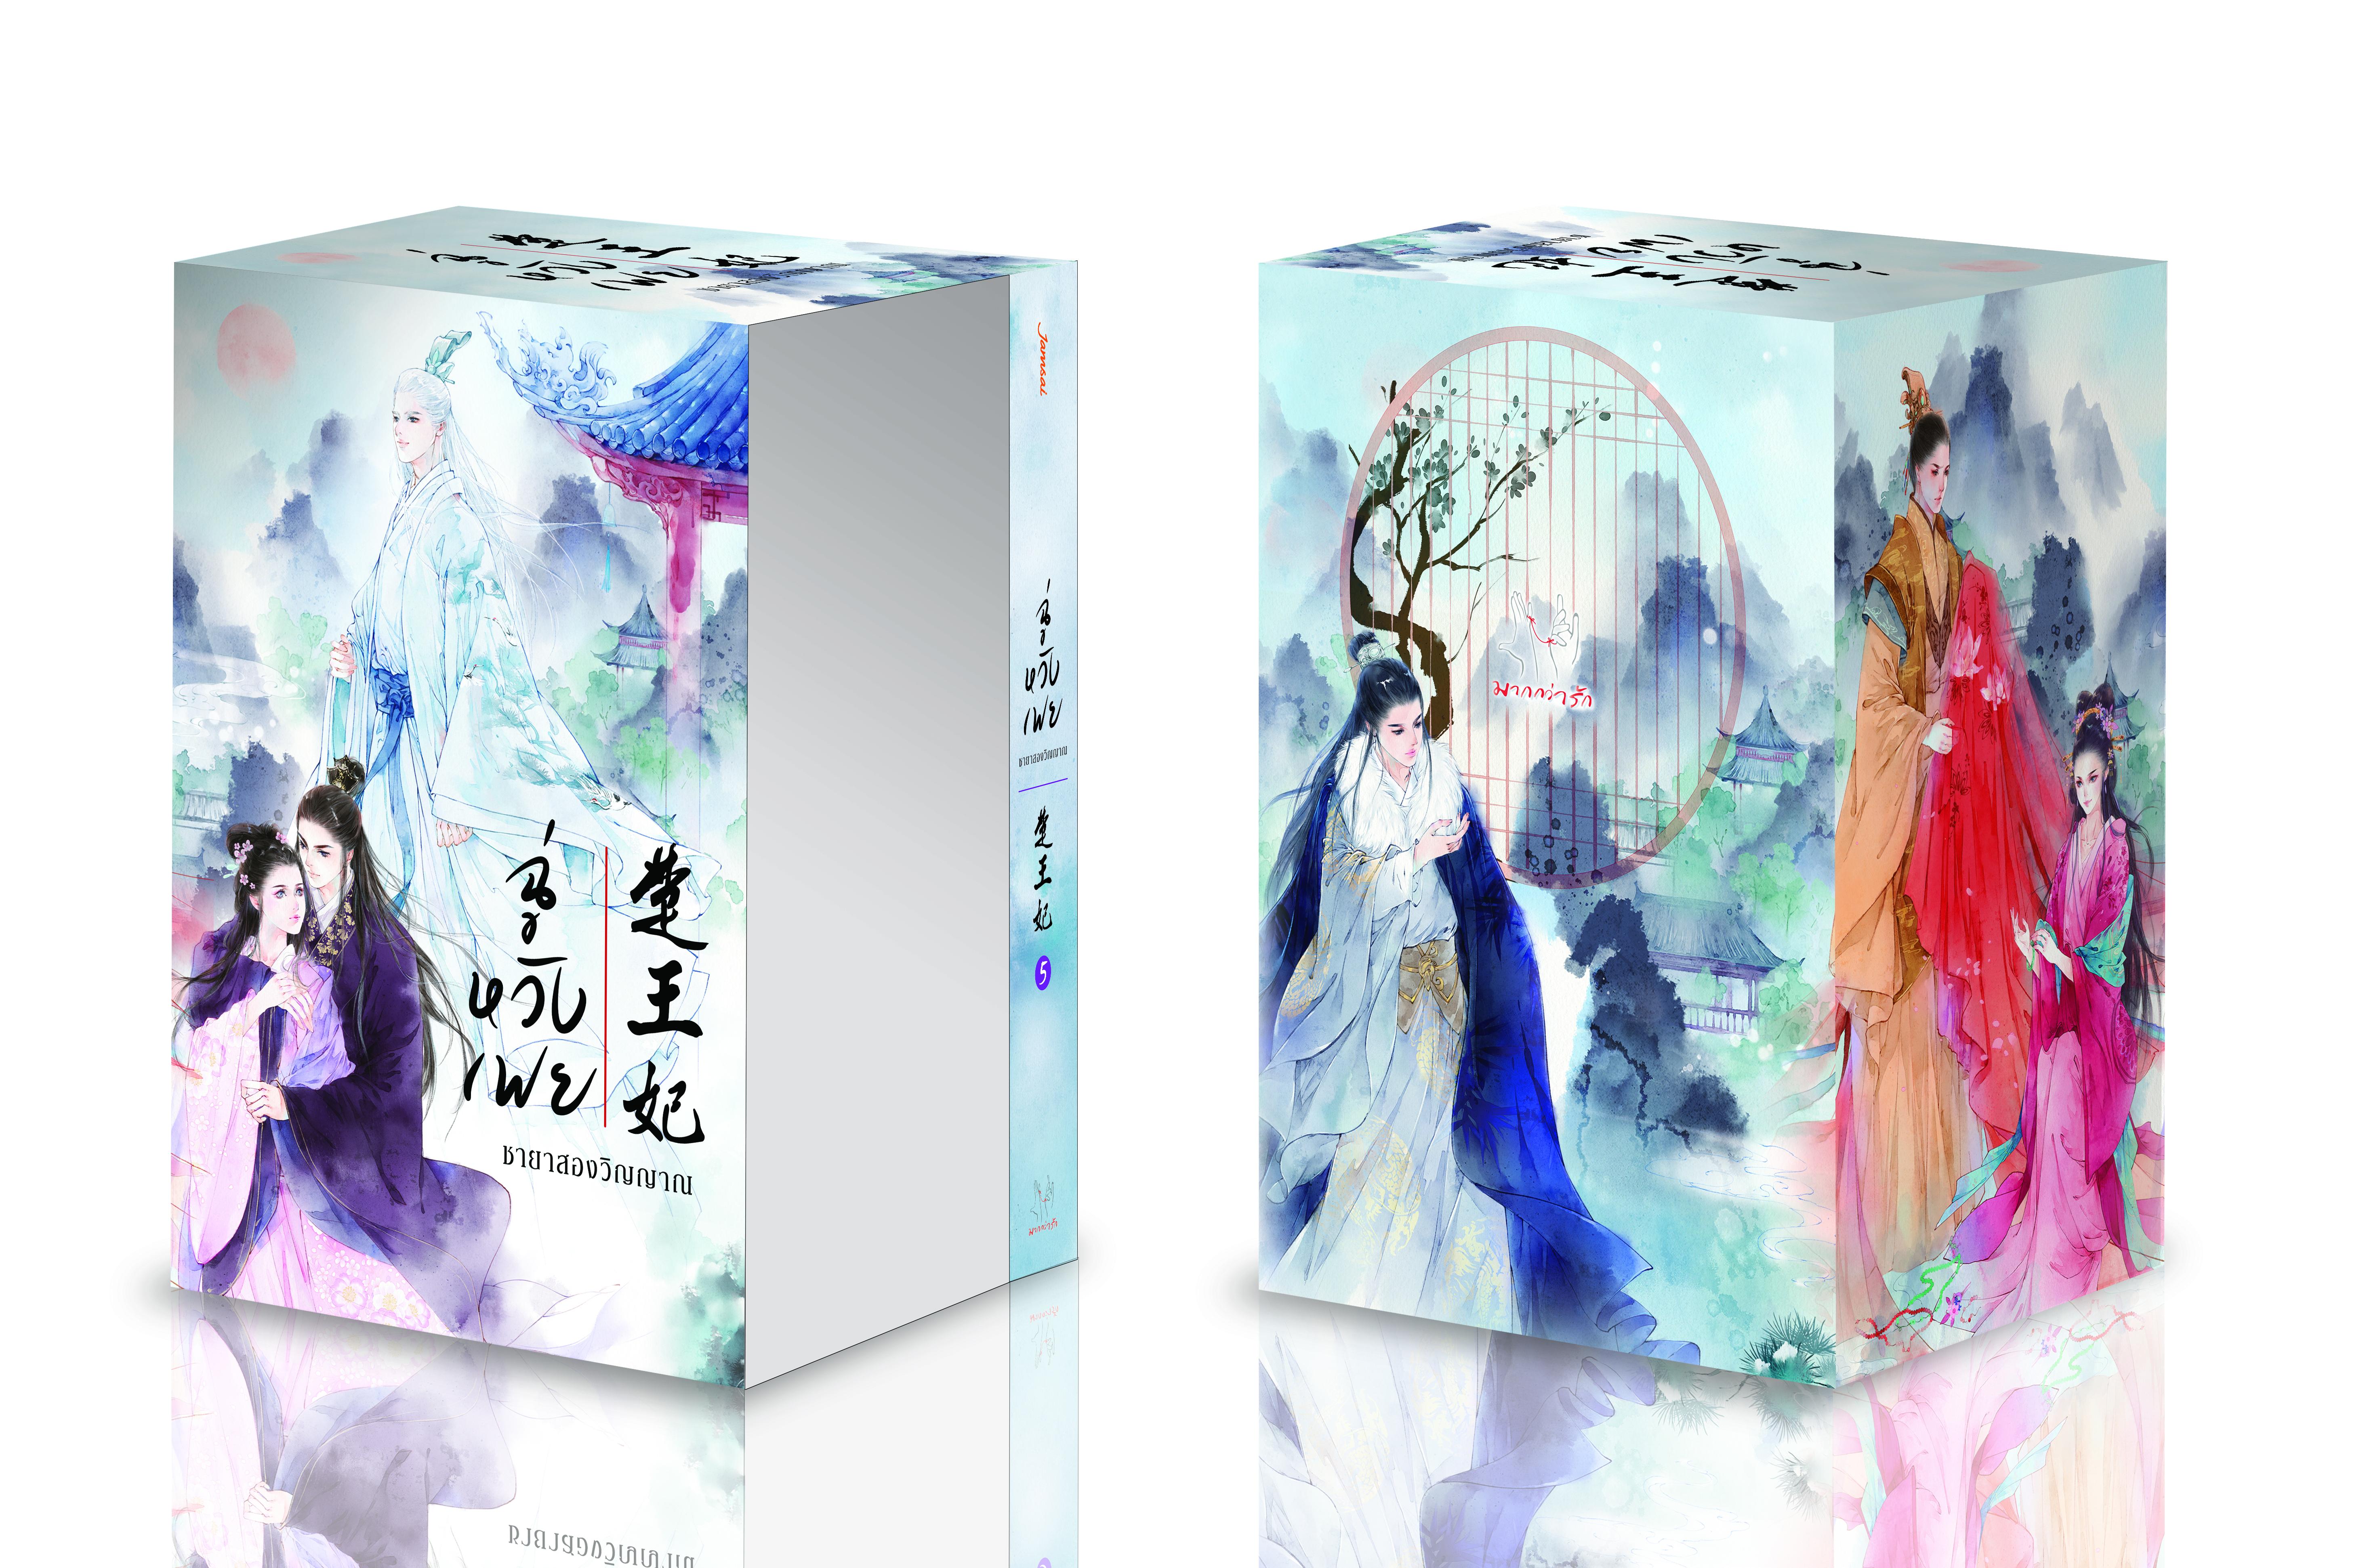 boxset 3D Chu (1)